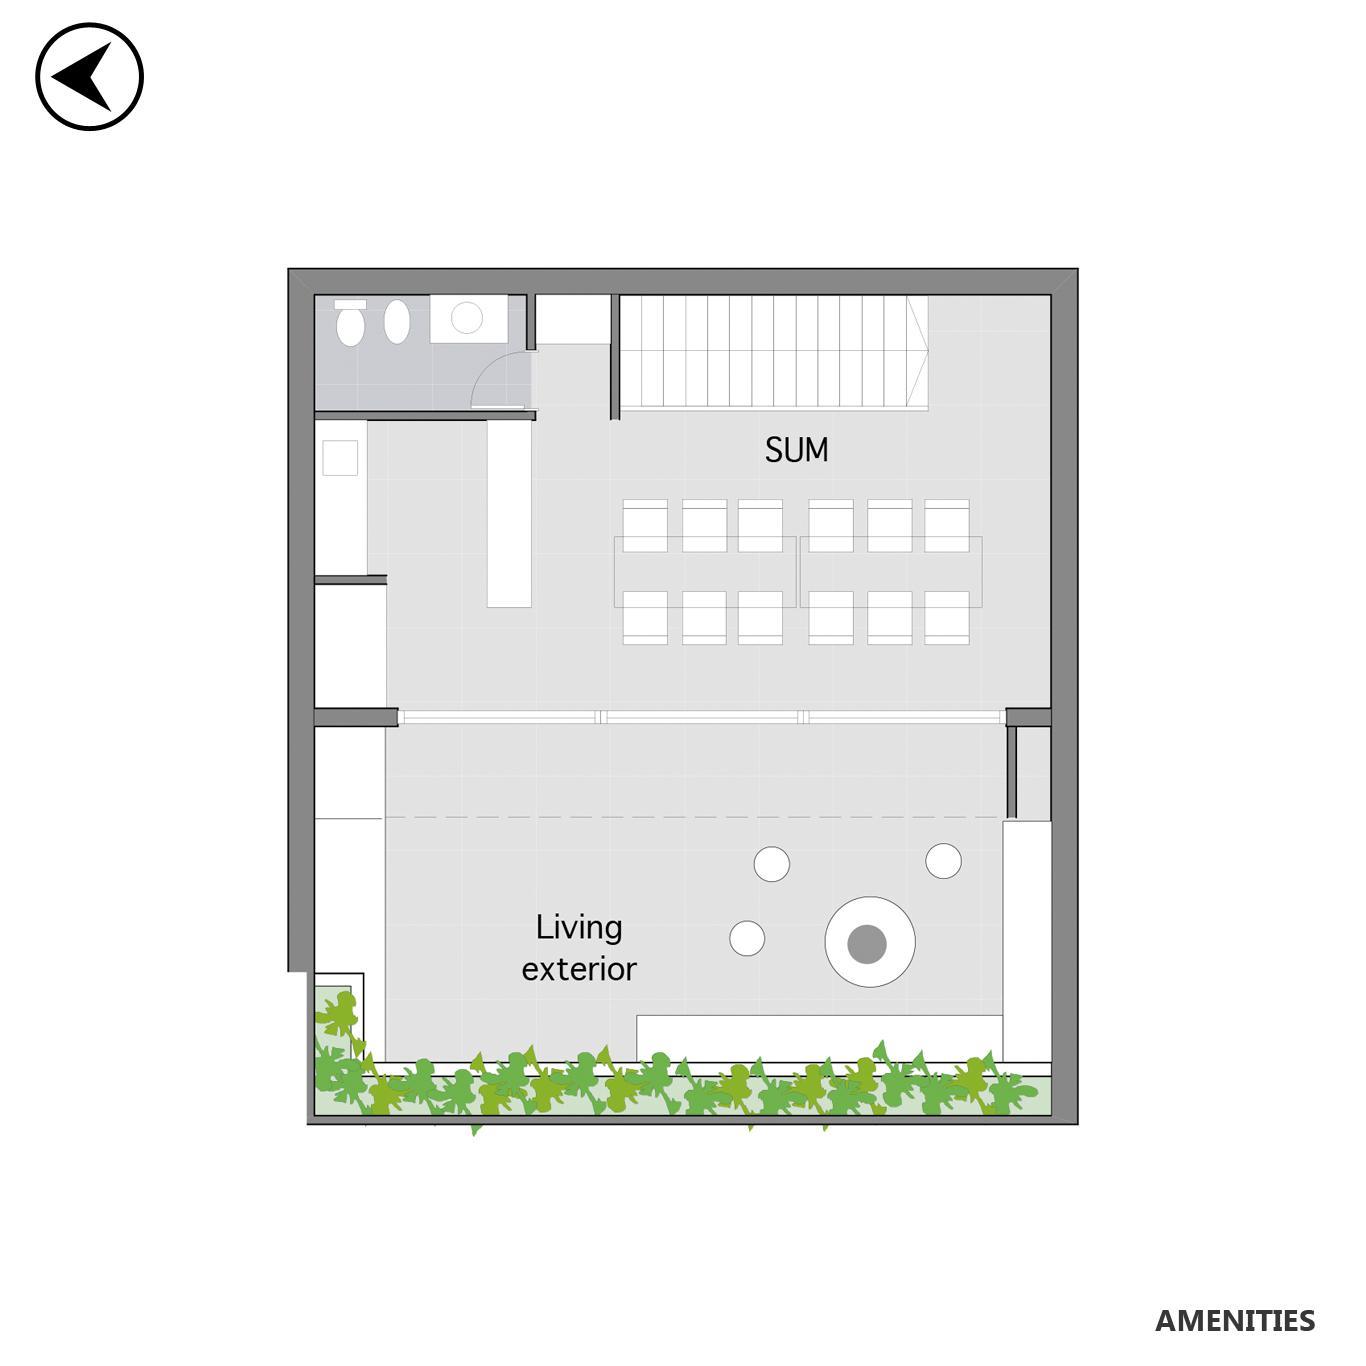 Venta departamento 2 dormitorios Rosario, Martin. Cod CBU24537 AP2285369. Crestale Propiedades